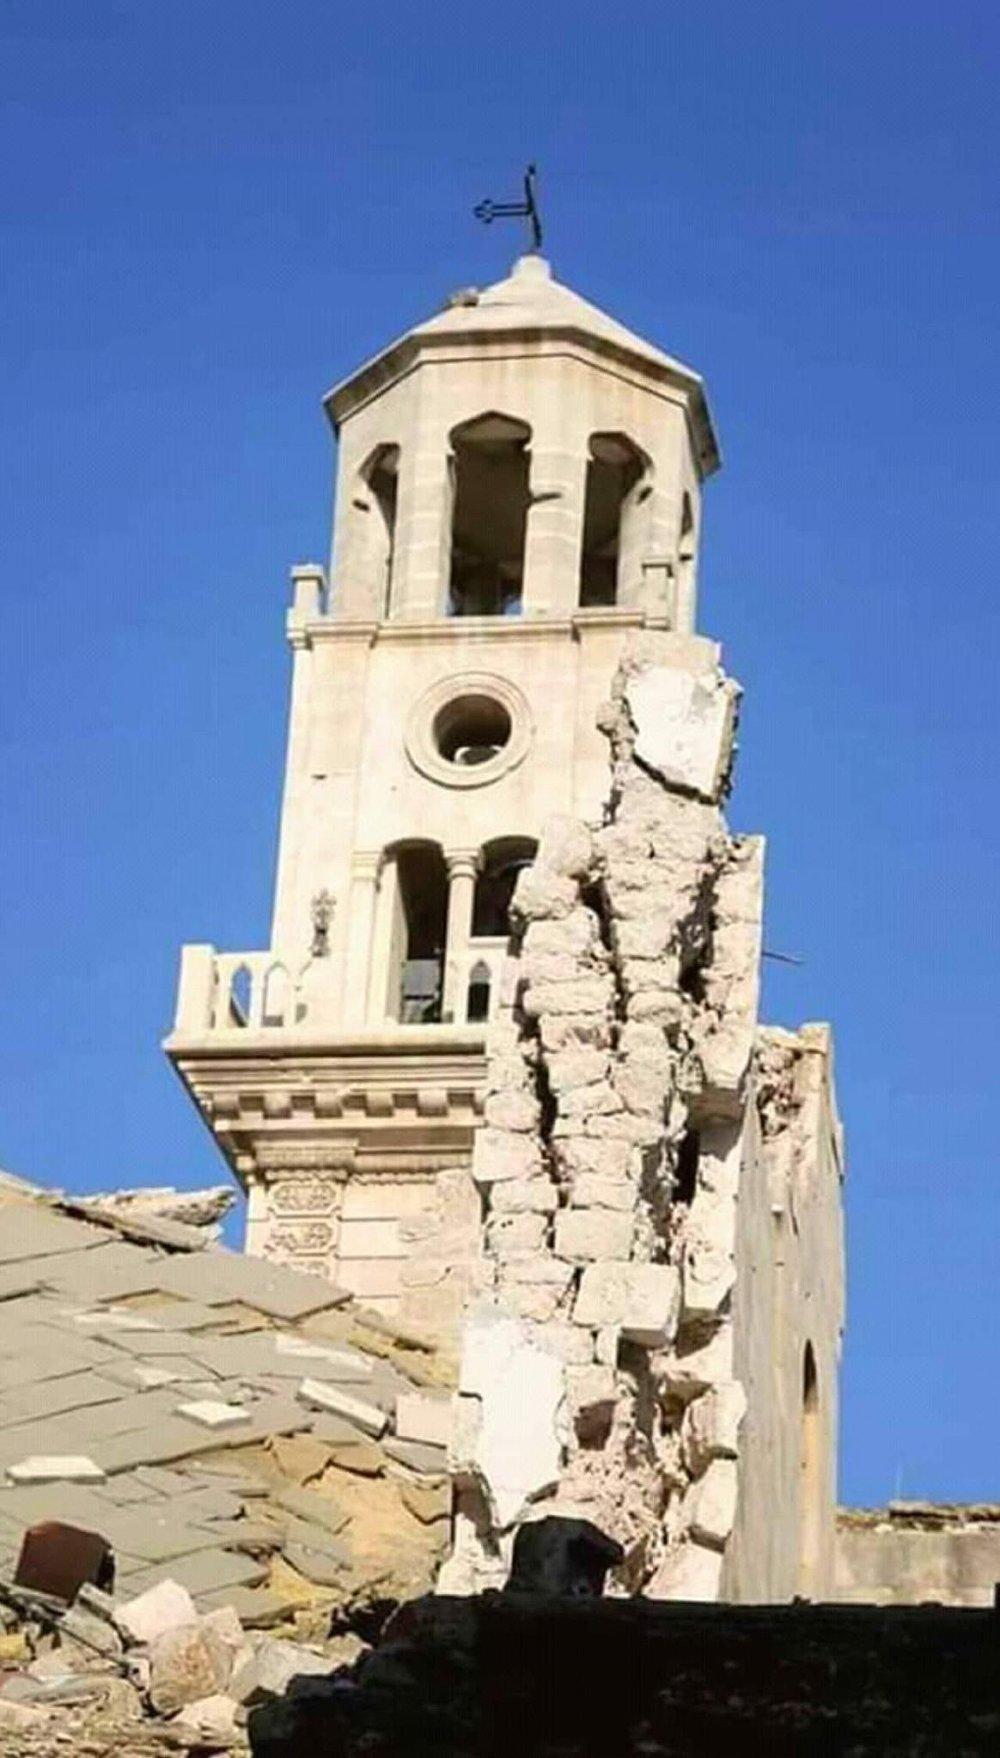 صورة توثّق جزءاً من الدمار الذي طال كتدرائية الأربعين شهيد بحلب